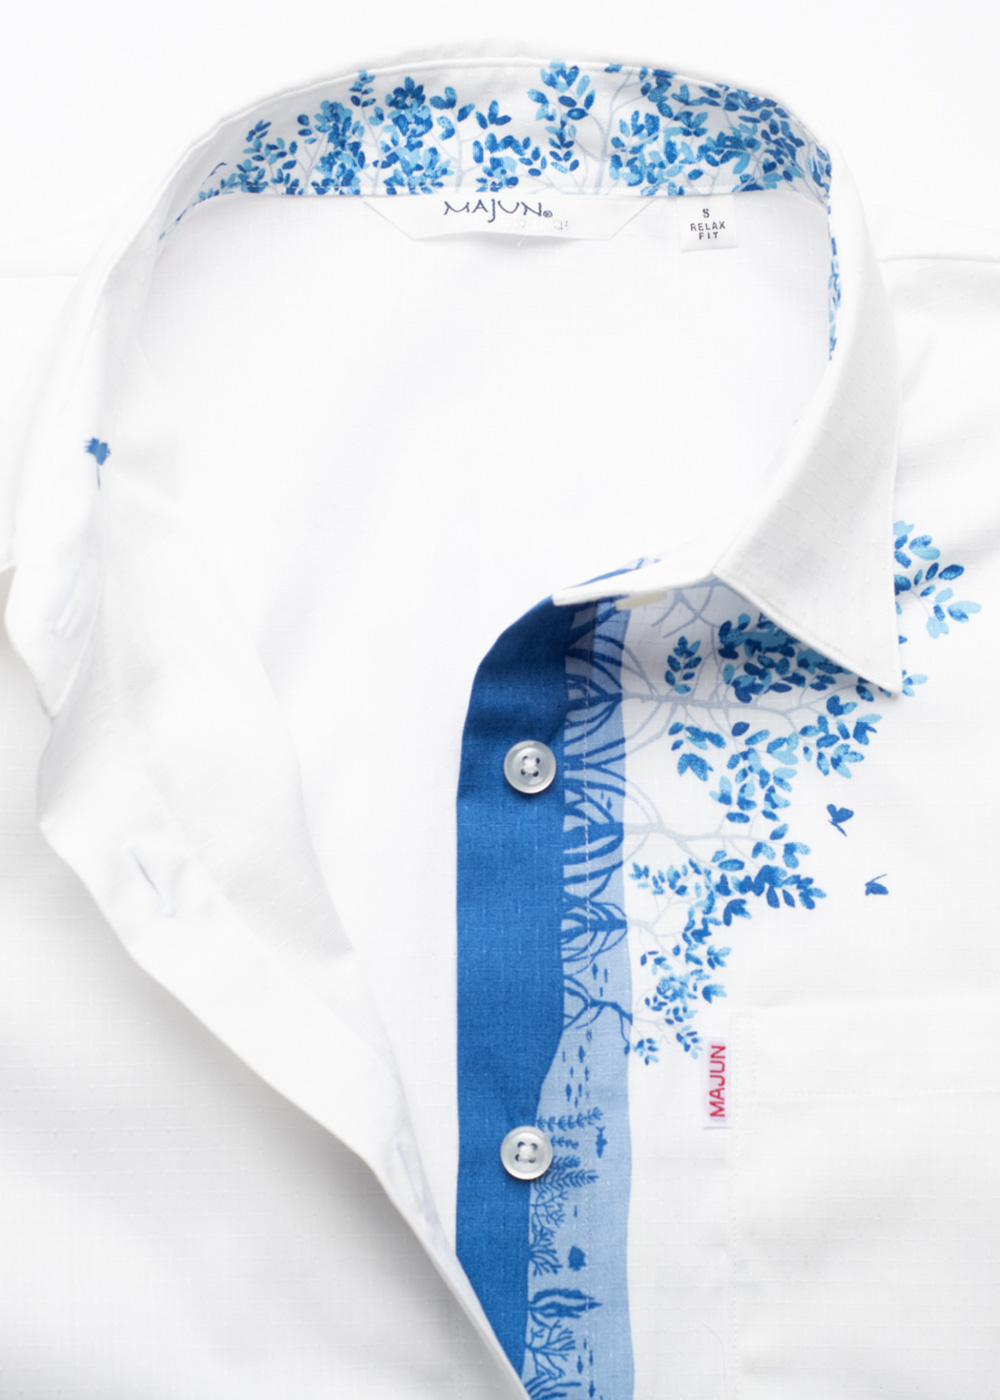 かりゆしウェア(沖縄版アロハシャツ) MAJUN - シーッフォレスト